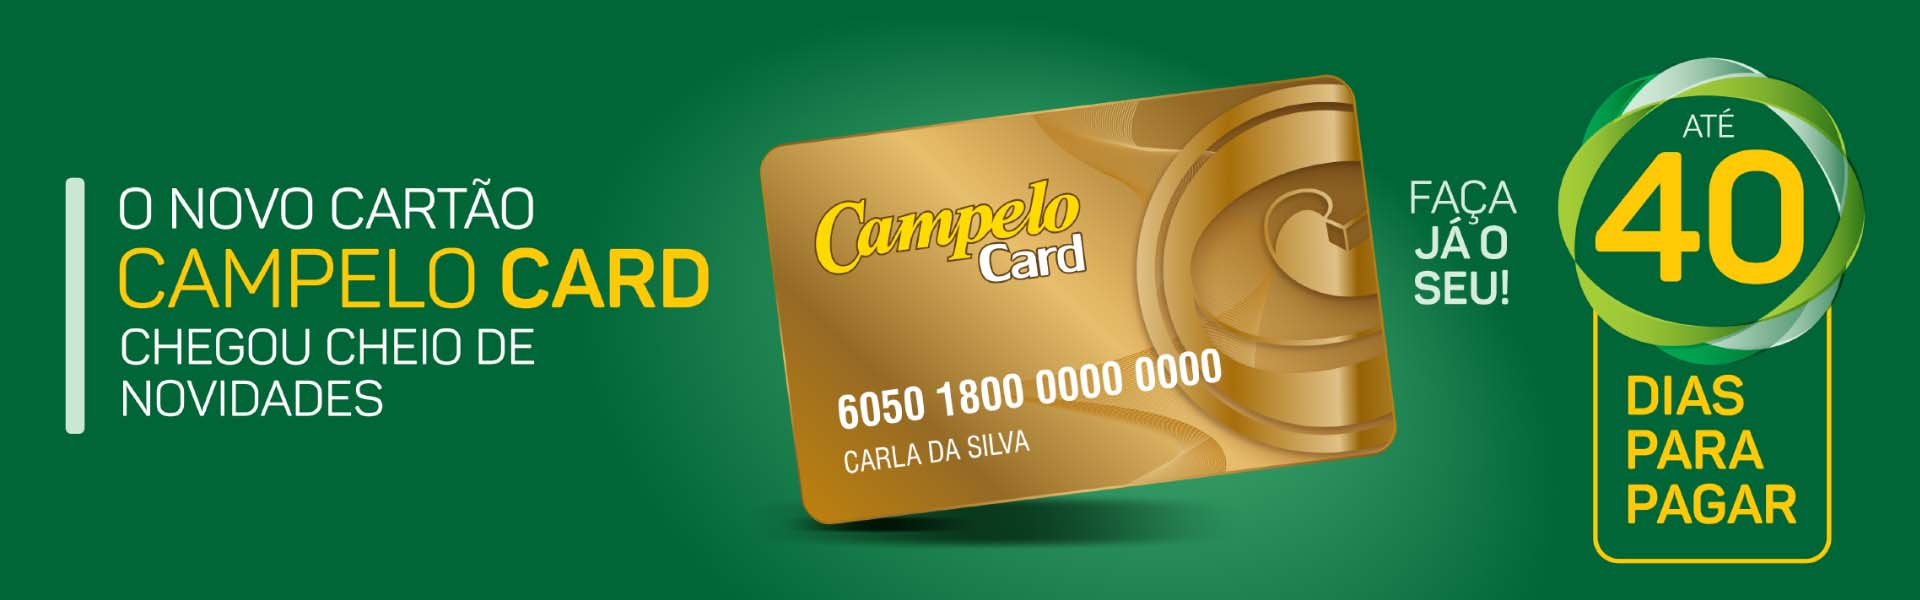 Cartão Campelo Card